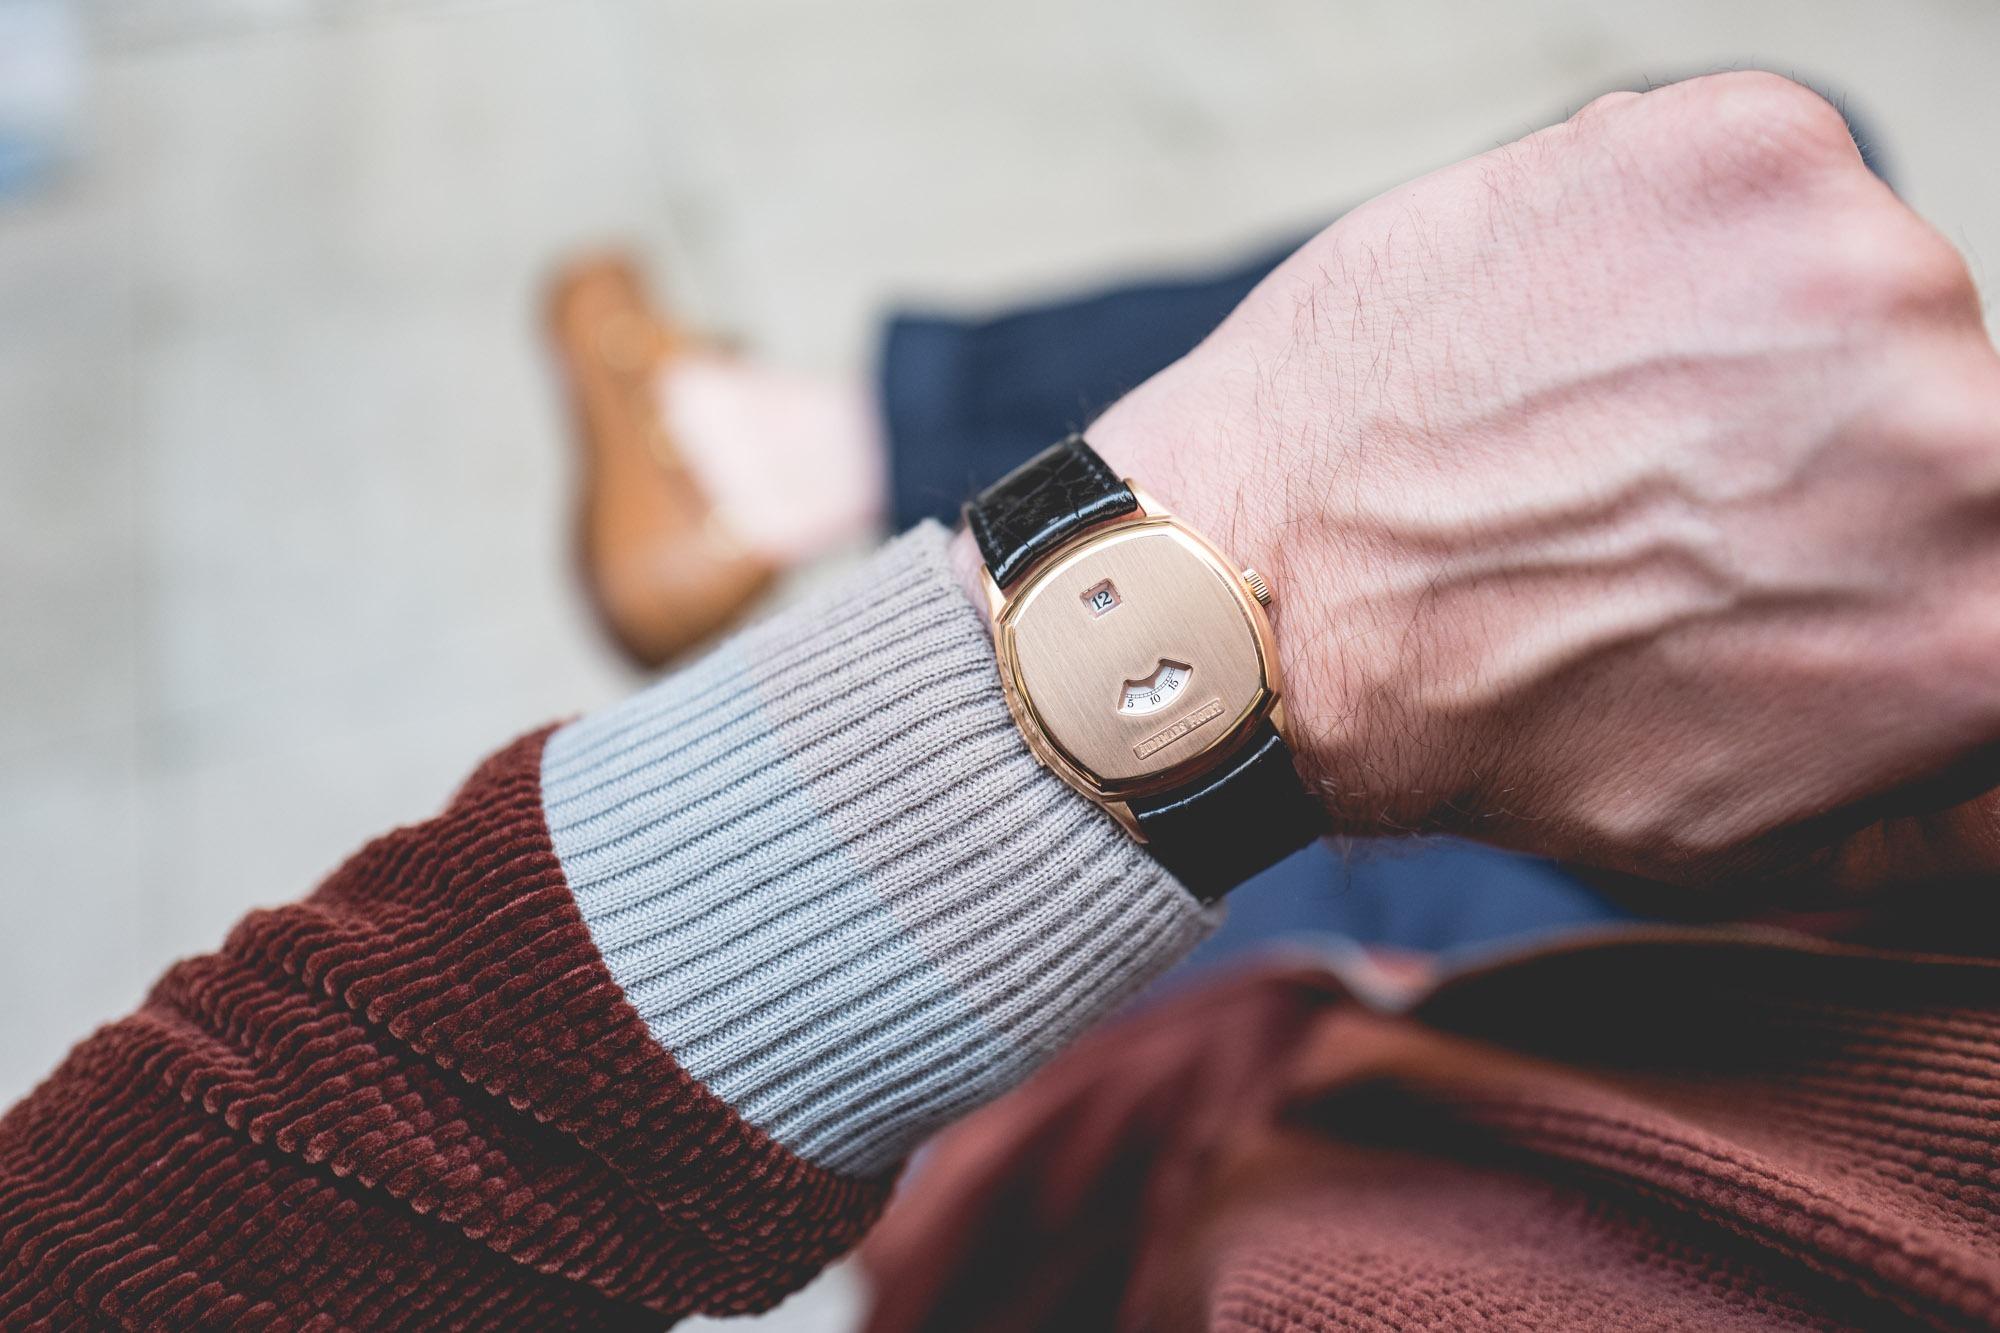 """Vente aux enchères """"montres"""" Tajan - Audemars Piguet Répétition Minute / Heures sautantes"""